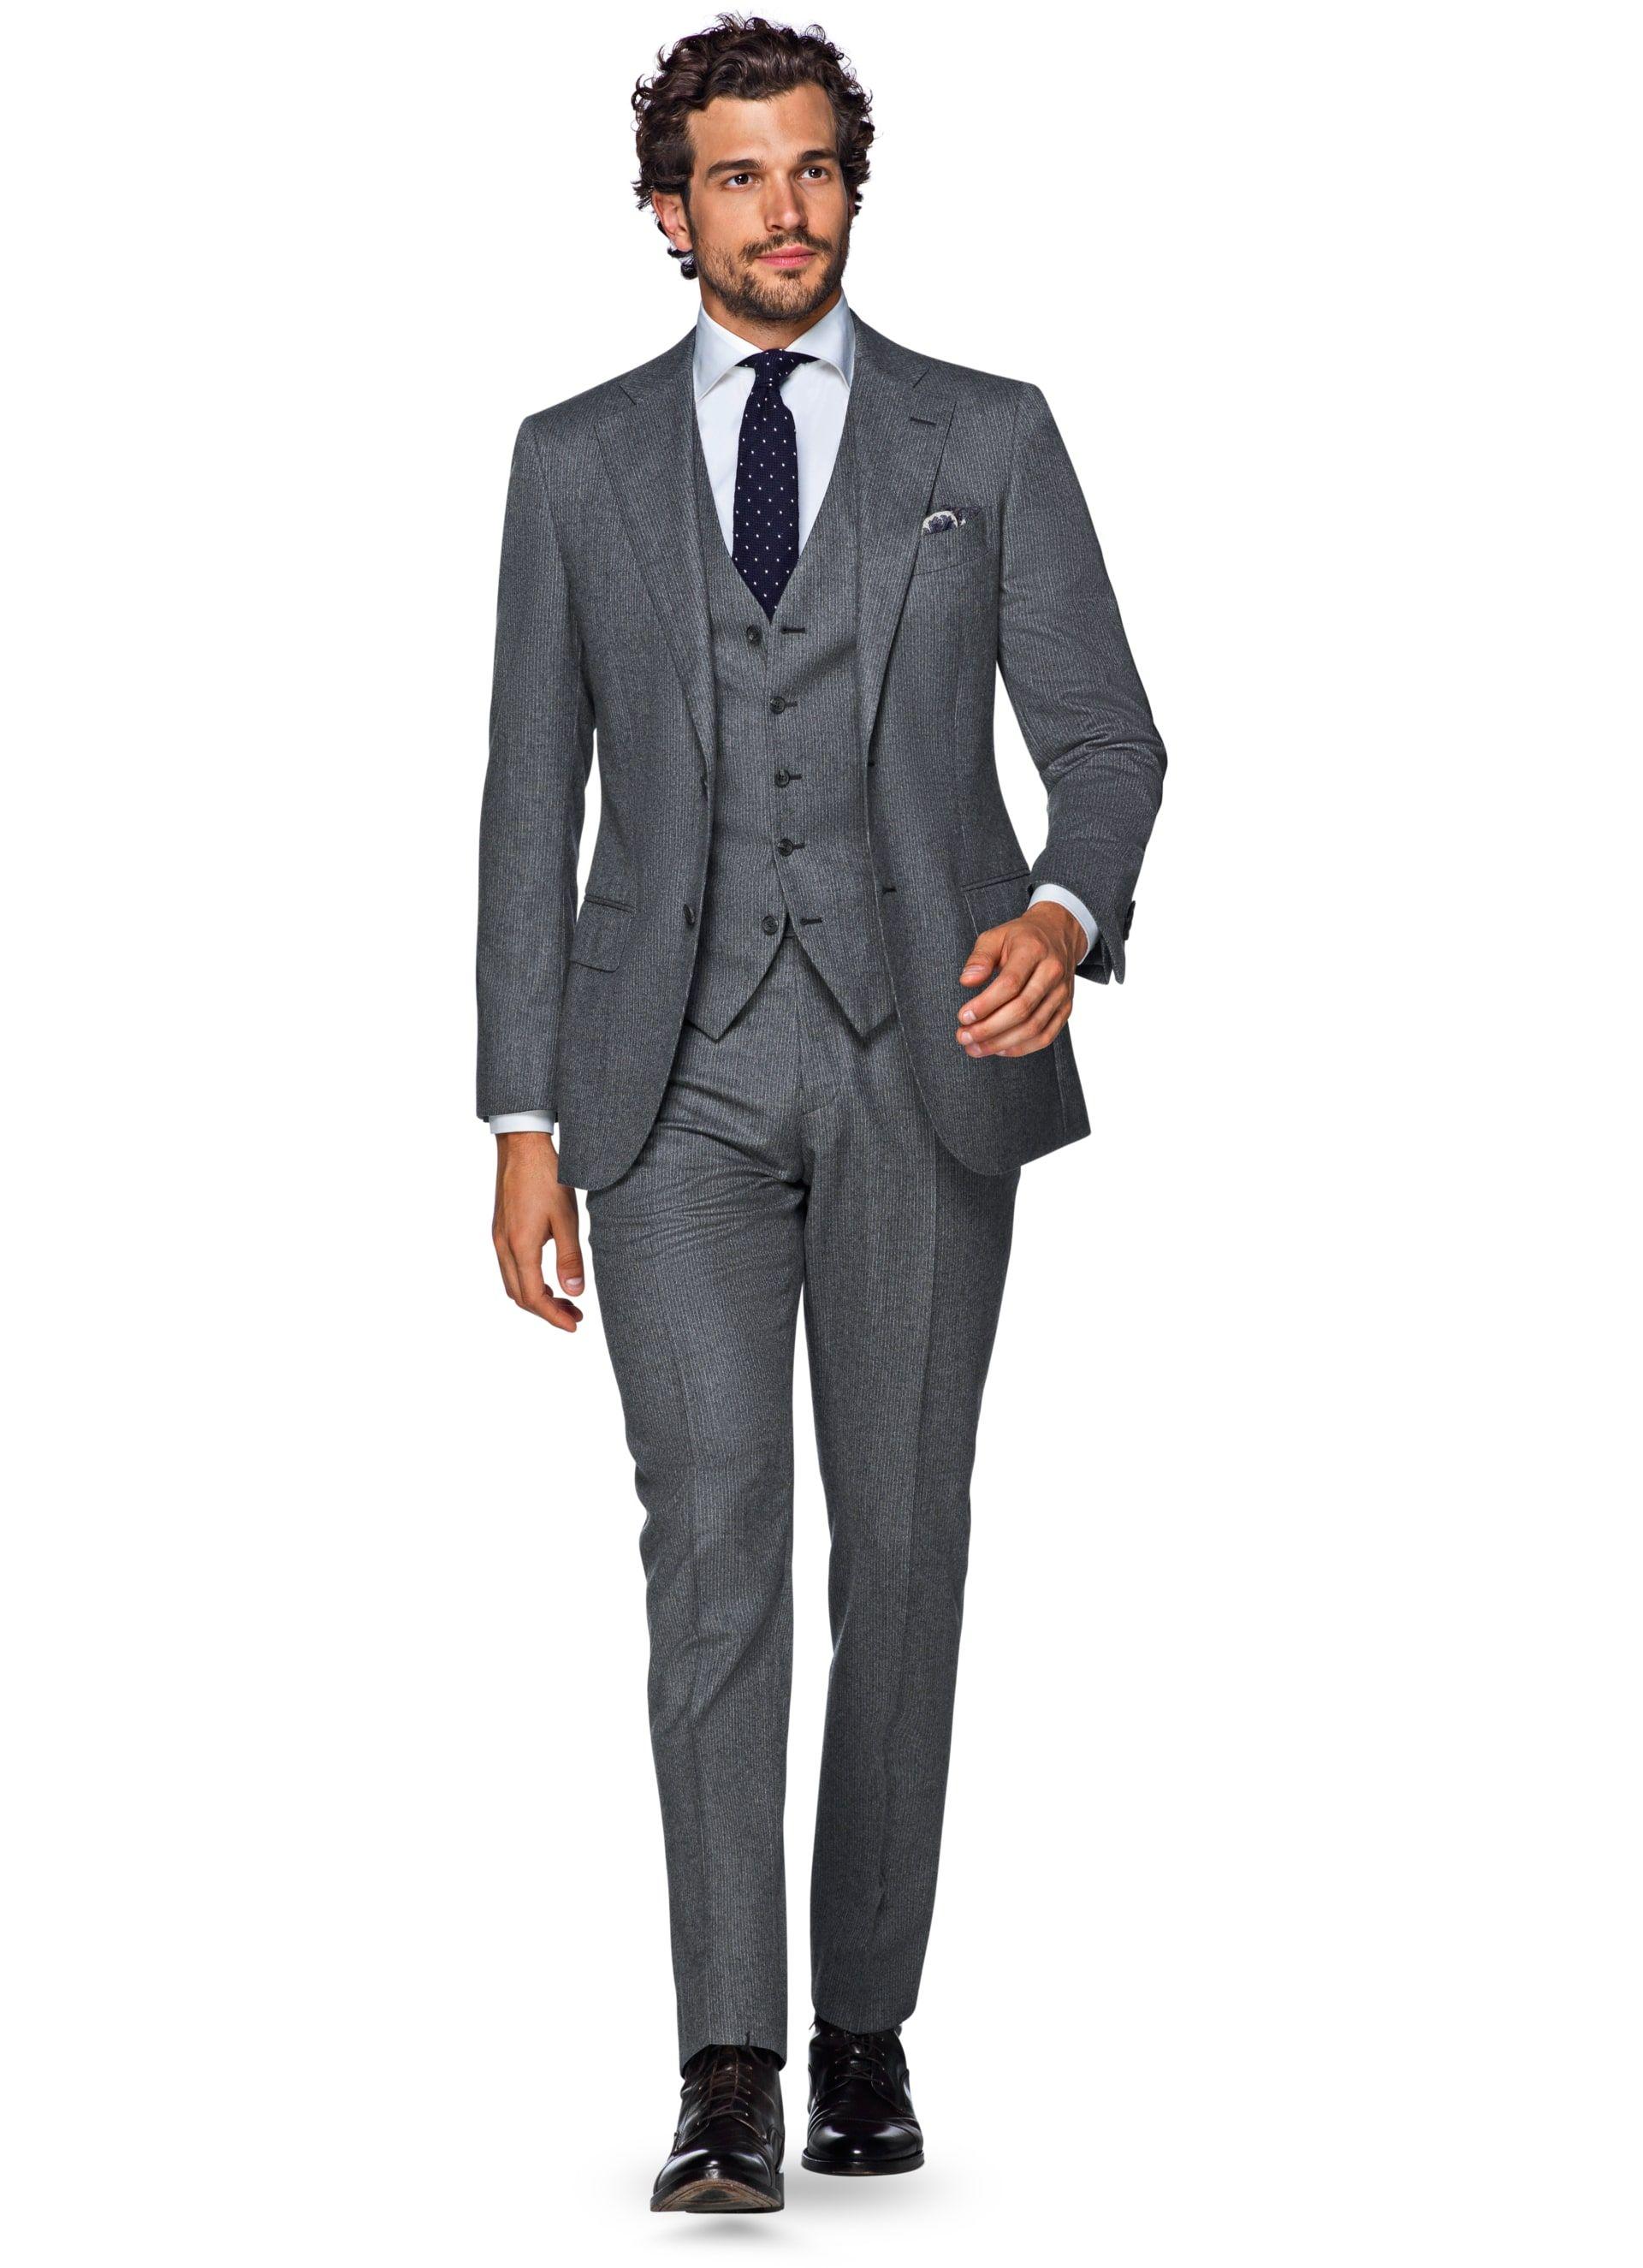 b2bca9ff61 Suit Grey Stripe Lazio P4954i | Suitsupply Online Store | Client: CP ...